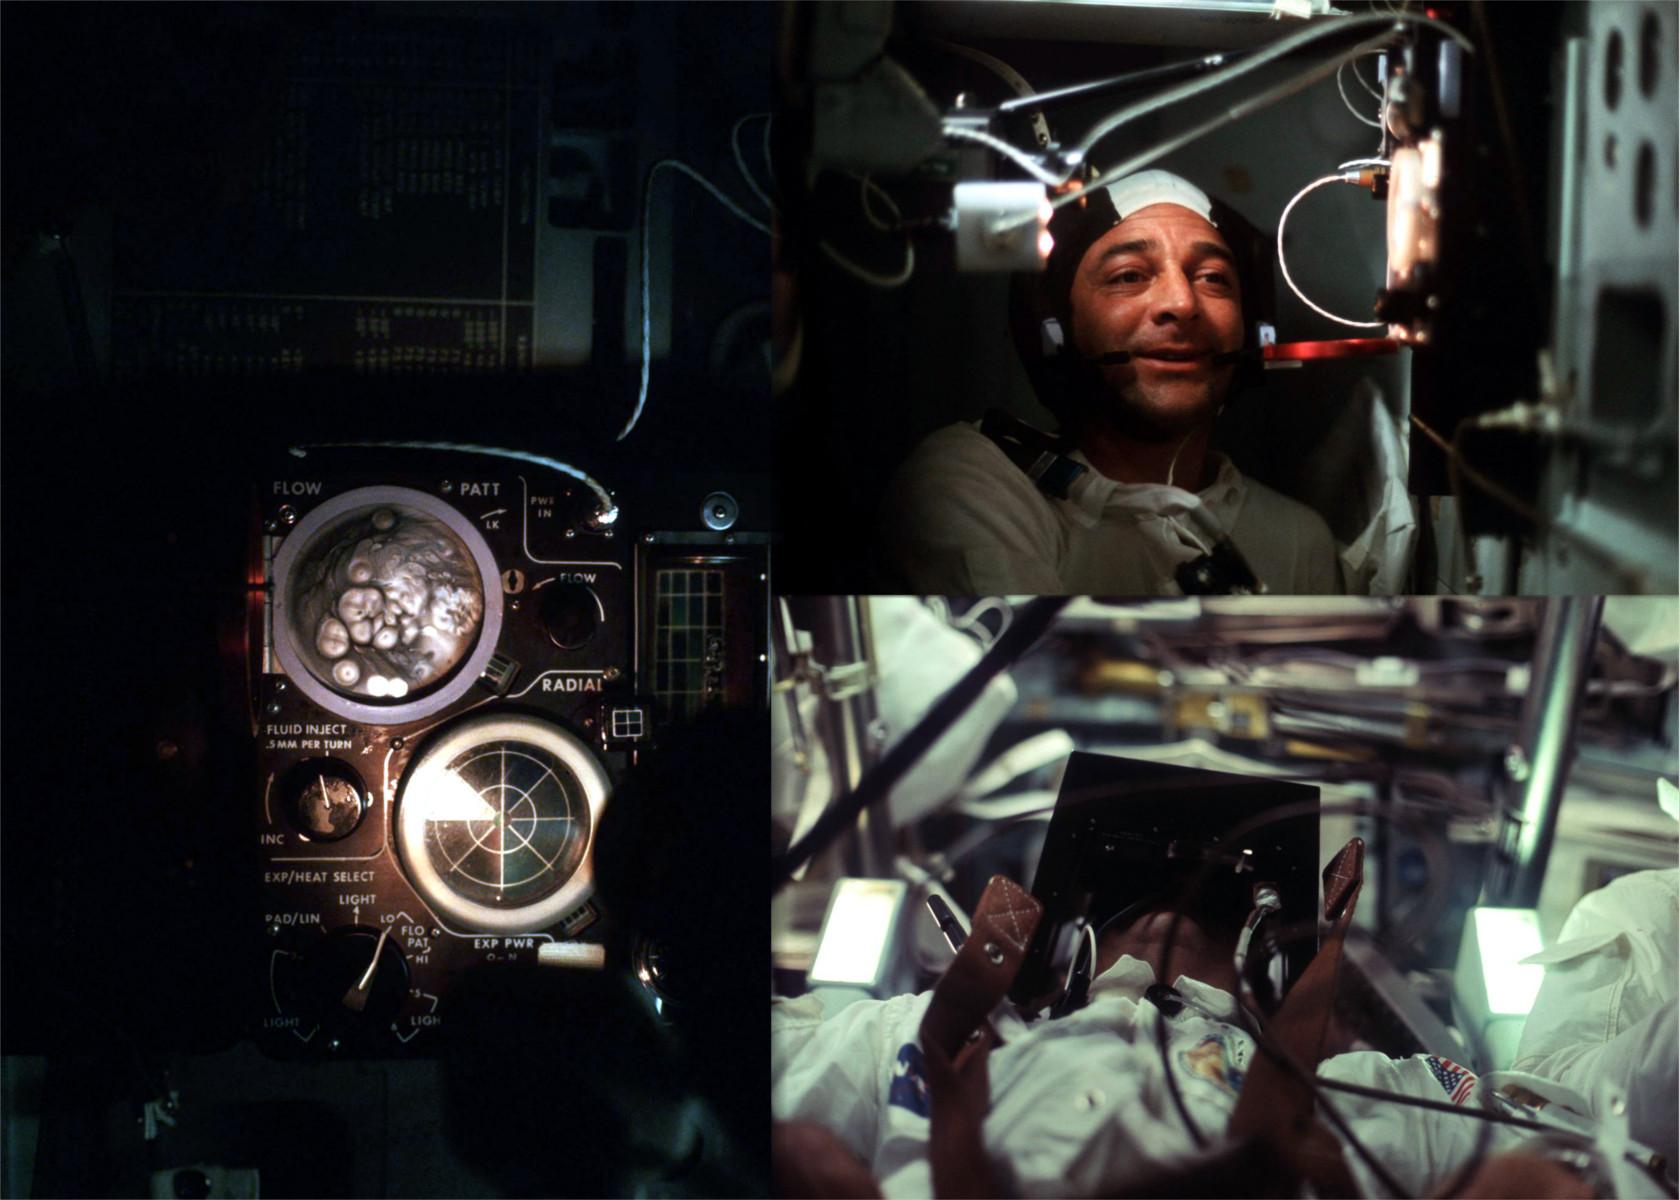 Astronauti byli při cestě k Měsíci atakováni paprsky kosmického záření, které mohli vidět především se zavřenýma očima. Astronauti Apolla 16 a 17 ve spolupráci s houstoonskou univerzitou připravili experiment, který měl tento jev, zvaný Light Flash Phenomenon, zkoumat; experiment spočíval ve zjišťování množství dopadajícího záření emulzí citlivou na toto záření pomocí zařízení, které si astronauti nasazovali na obličej. Astronauti rovněž sestrojili experiment HFCE (Heat Flow and Convection Experiment), kterým zkoumali, jak se v nulové gravitaci chovají plyny a kapaliny po zahřátí